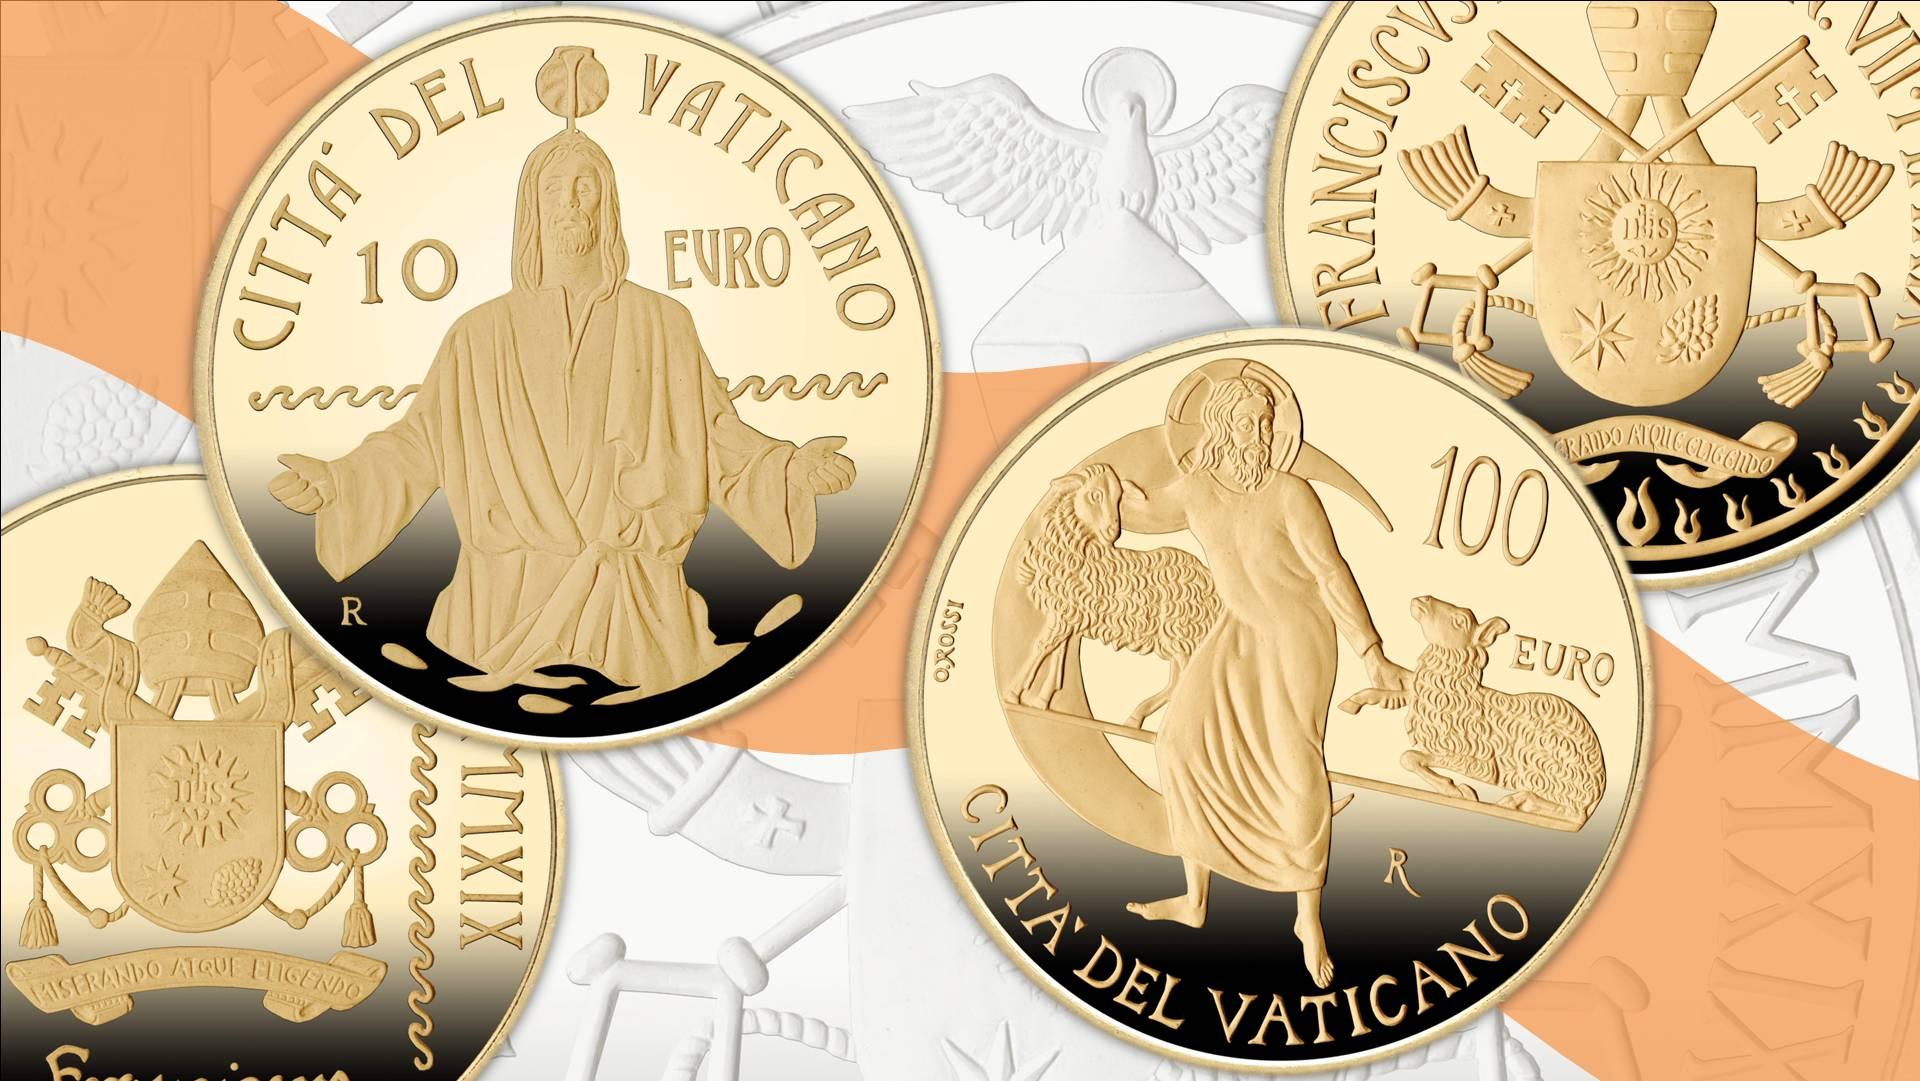 617323a71e Battesimo e costituzioni apostoliche: ecco a voi i nuovi aurei vaticani